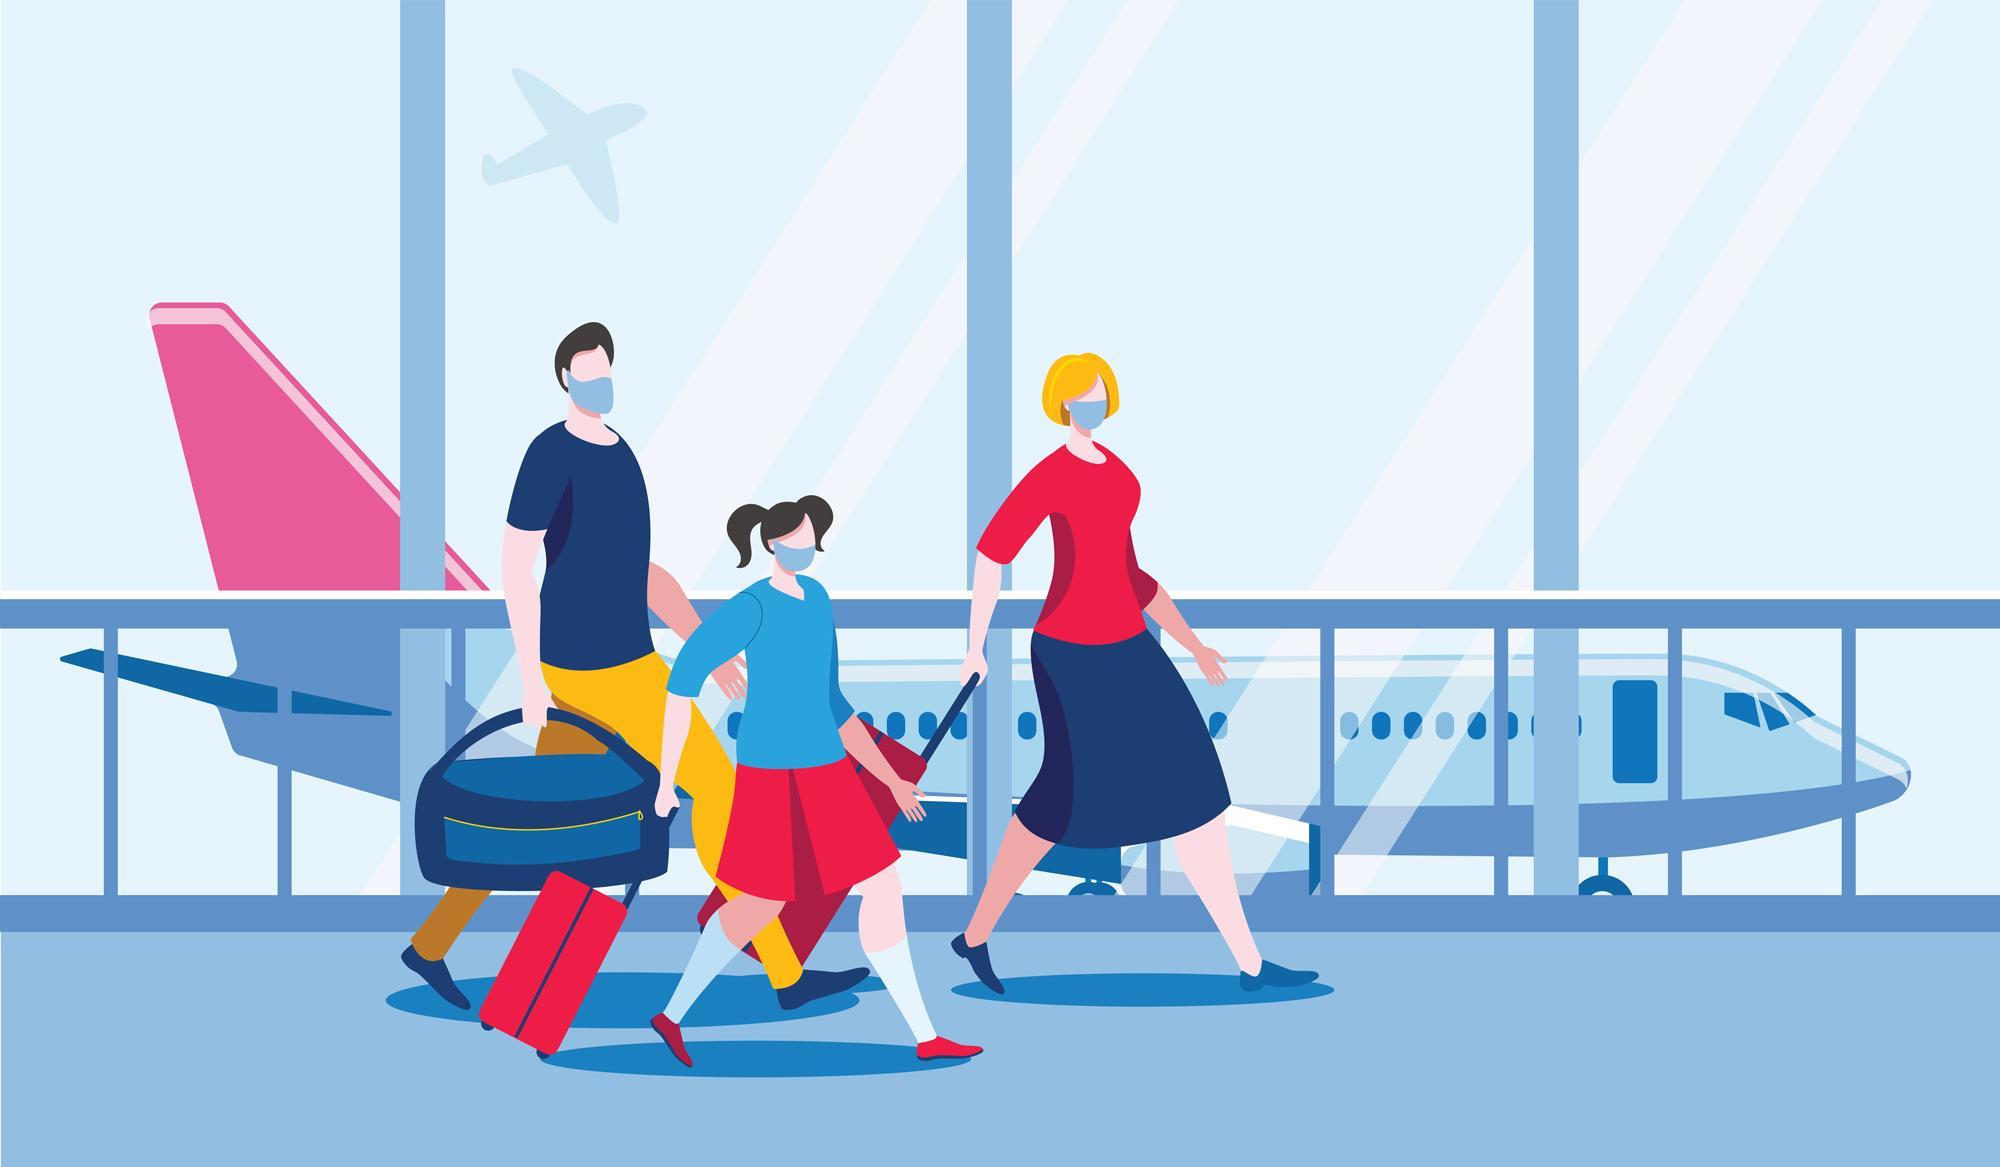 Сохраните и летите. Правила въезда в Танзанию, Турцию и Великобританию в пандемию